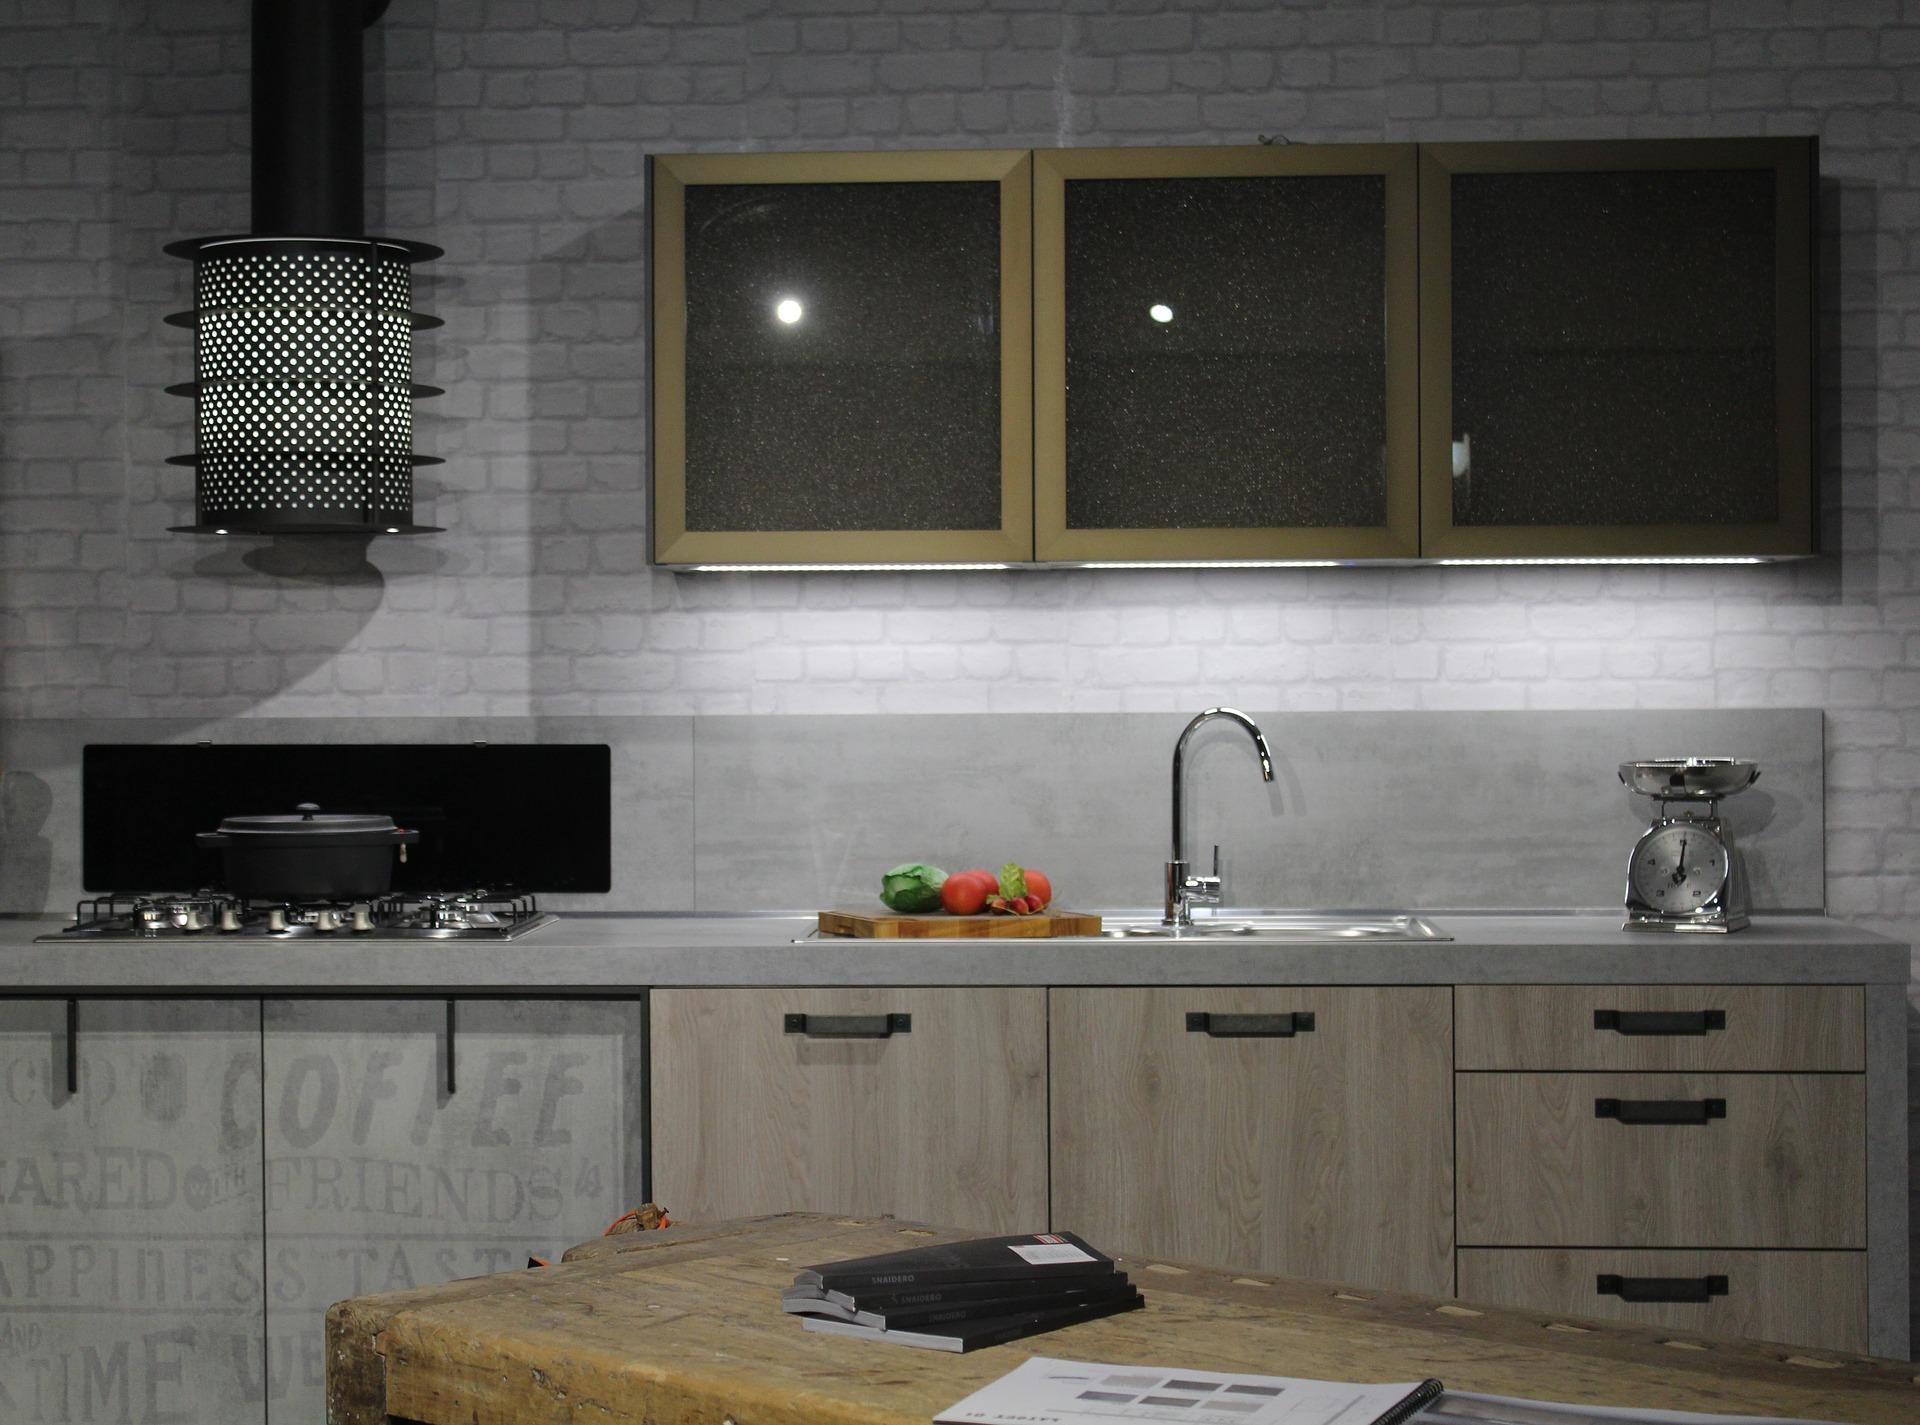 kitchen-1690432_1920